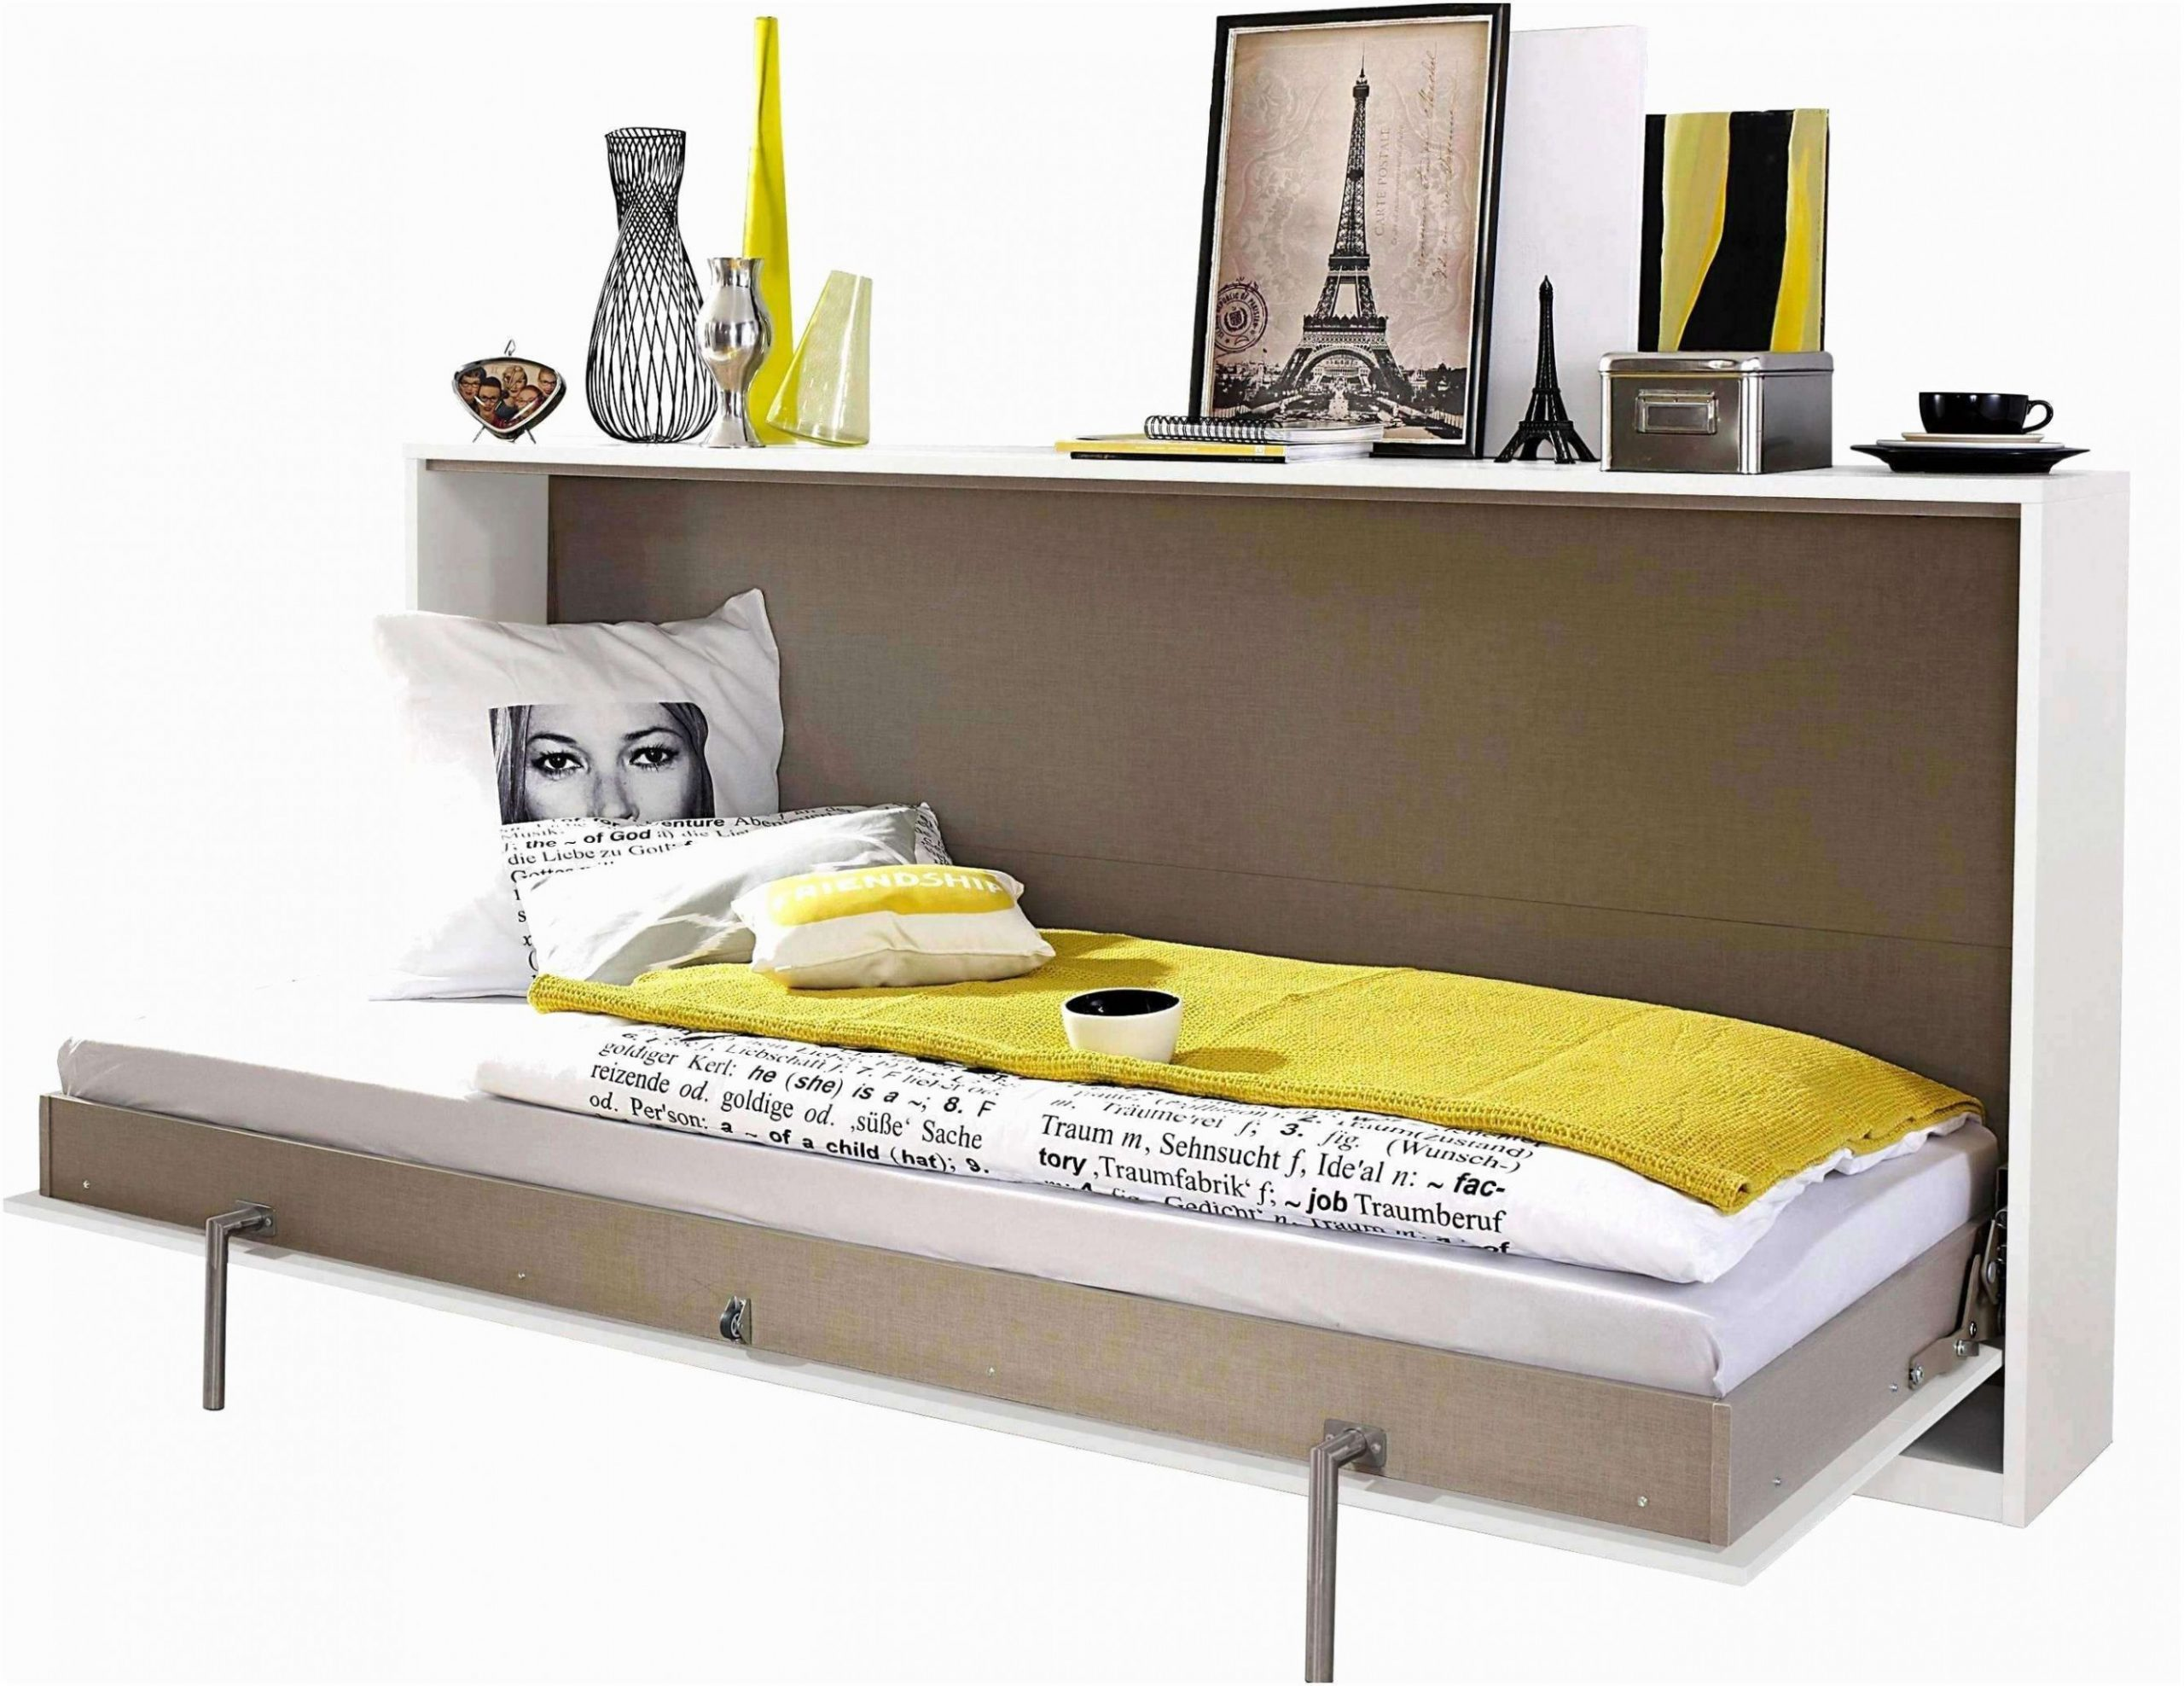 Full Size of Regalsystem Betten Ikea 160x200 Küche Kosten Modulküche Kaufen Miniküche Sofa Mit Schlaffunktion Regal Raumteiler Bei Wohnzimmer Raumteiler Ikea